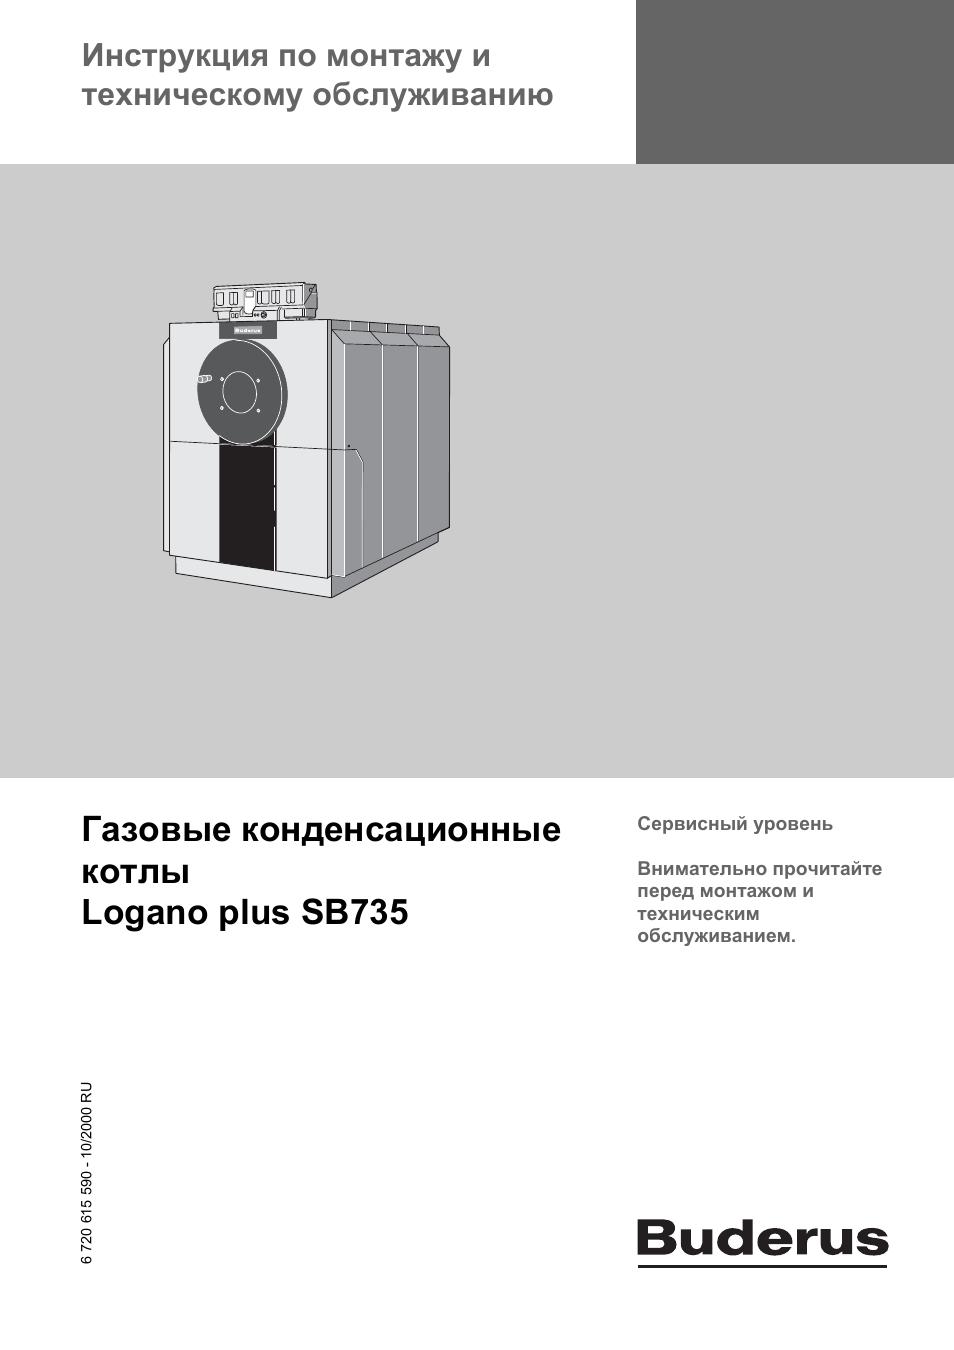 Газовый котел buderus инструкция по эксплуатации сборник инструкций.